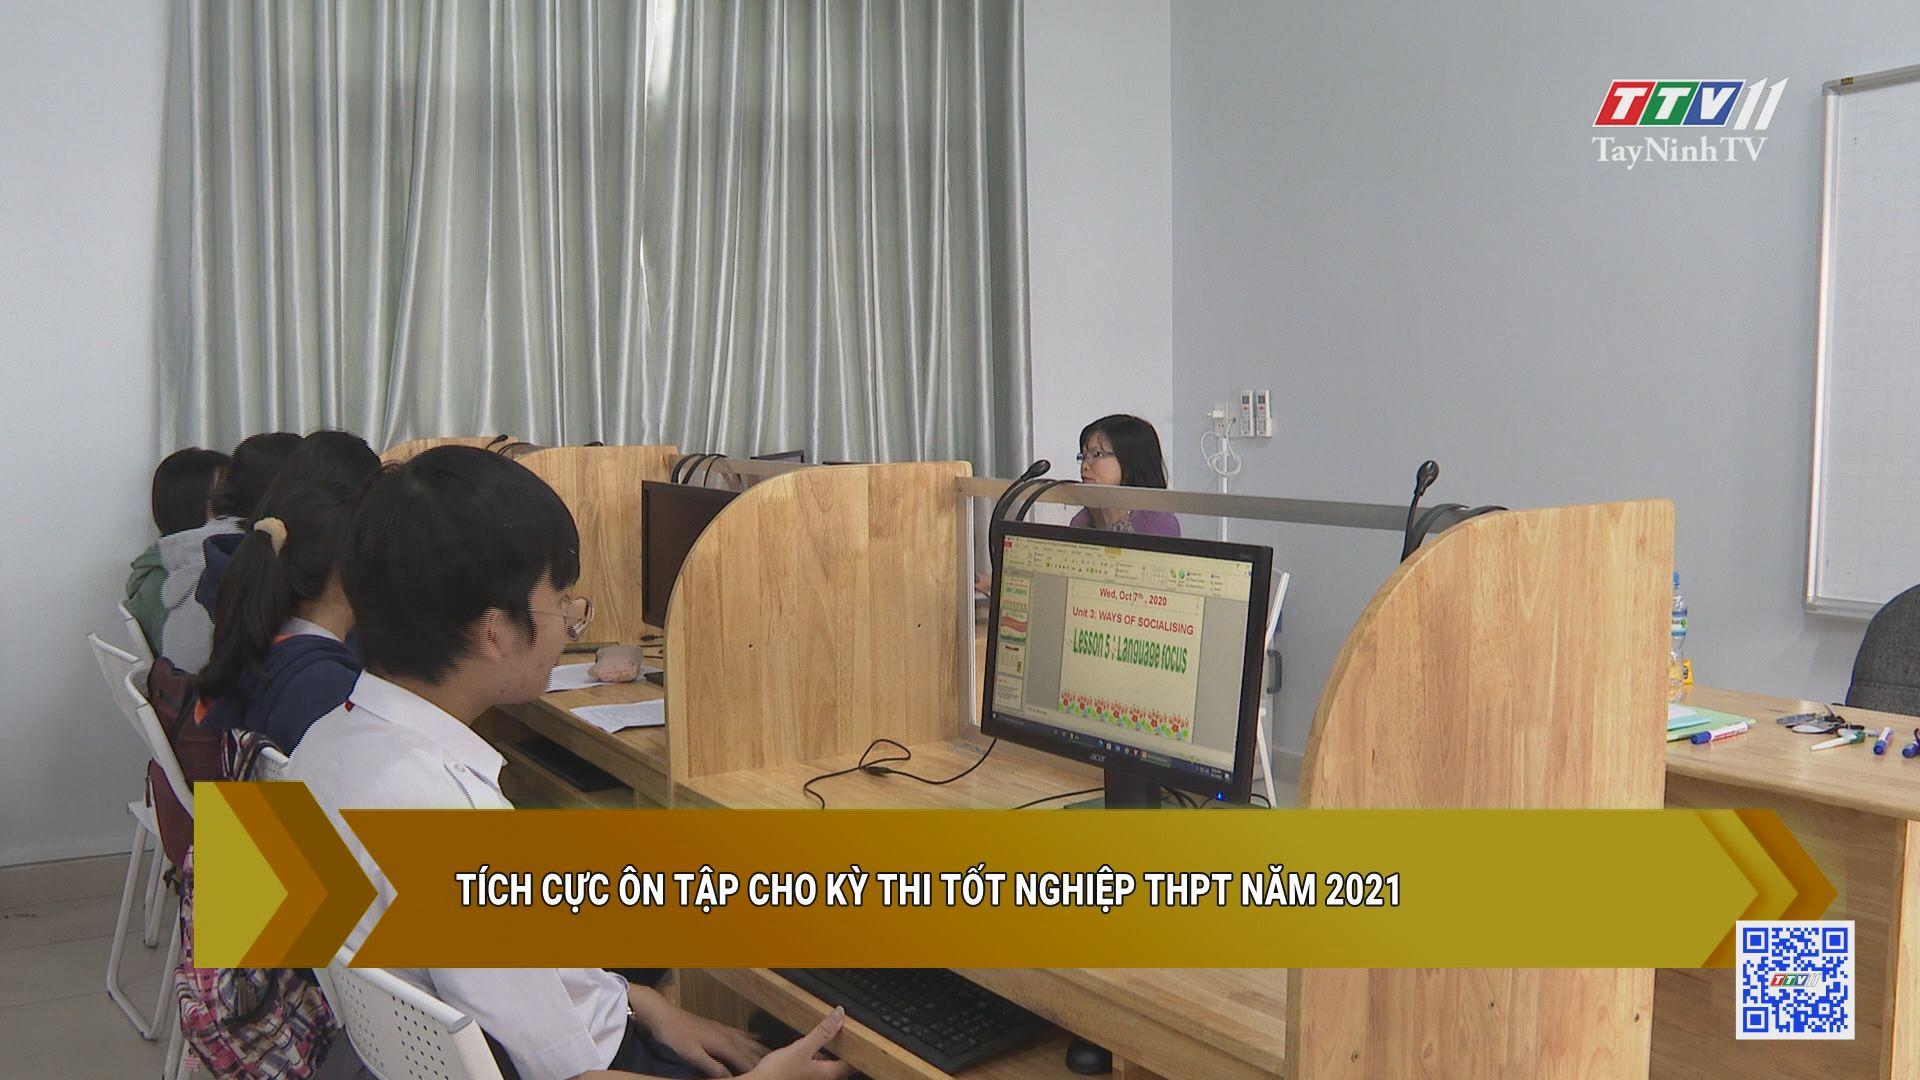 Tích cực ôn tập cho kỳ thi tốt nghiệp THPT năm 2021 | GIÁO DỤC ĐÀO TẠO | TayNinhTV